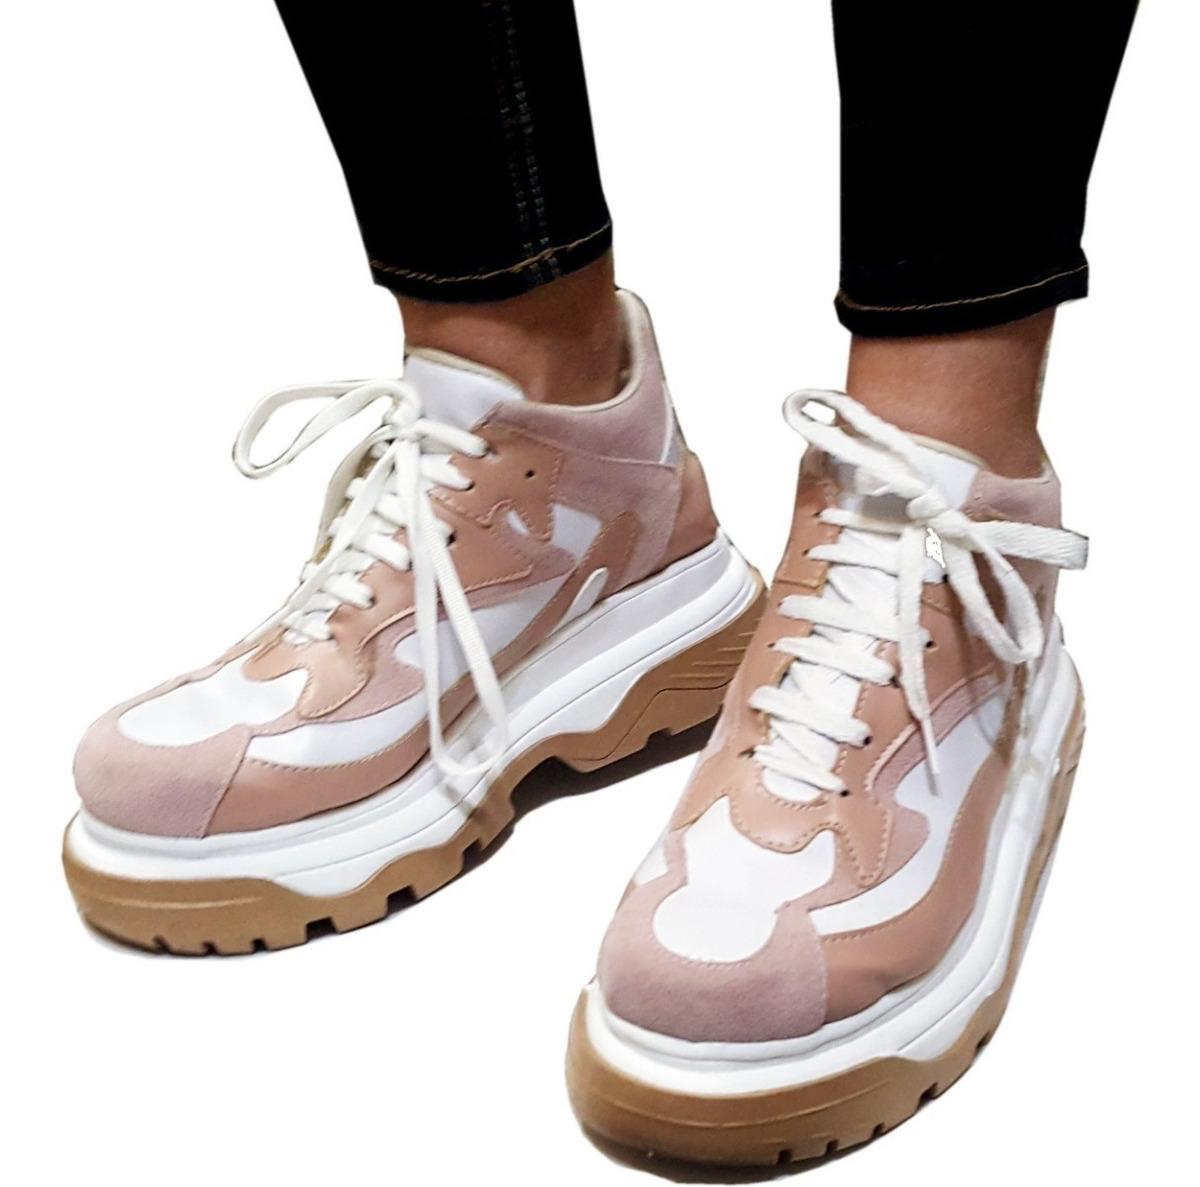 mitad de descuento ad23b 42e25 Nuevas Zapatillas 2019. Super Comodas Y Ultima Tendencia